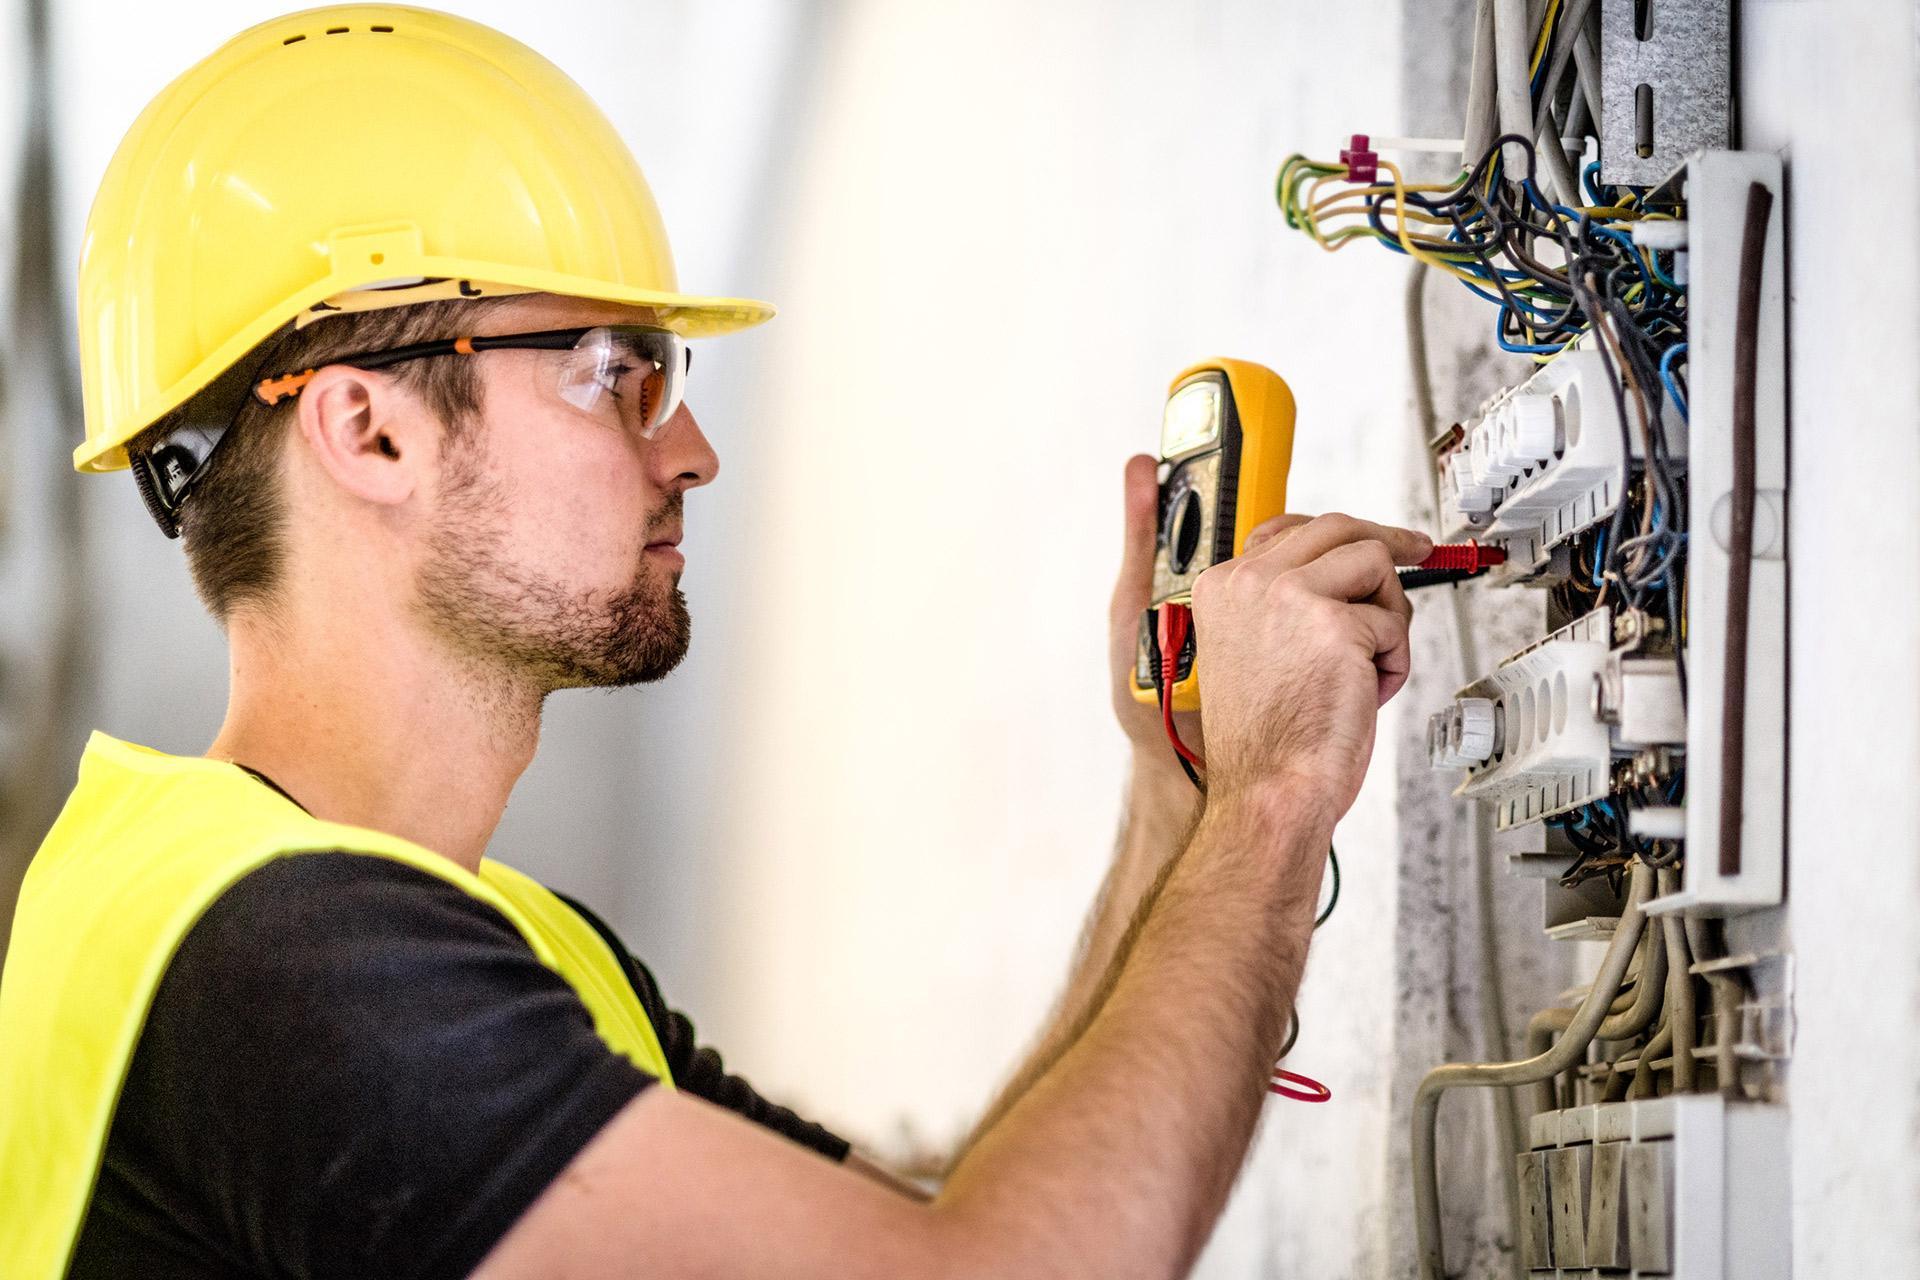 un tecnico con un tester davanti a un quadro elettrico